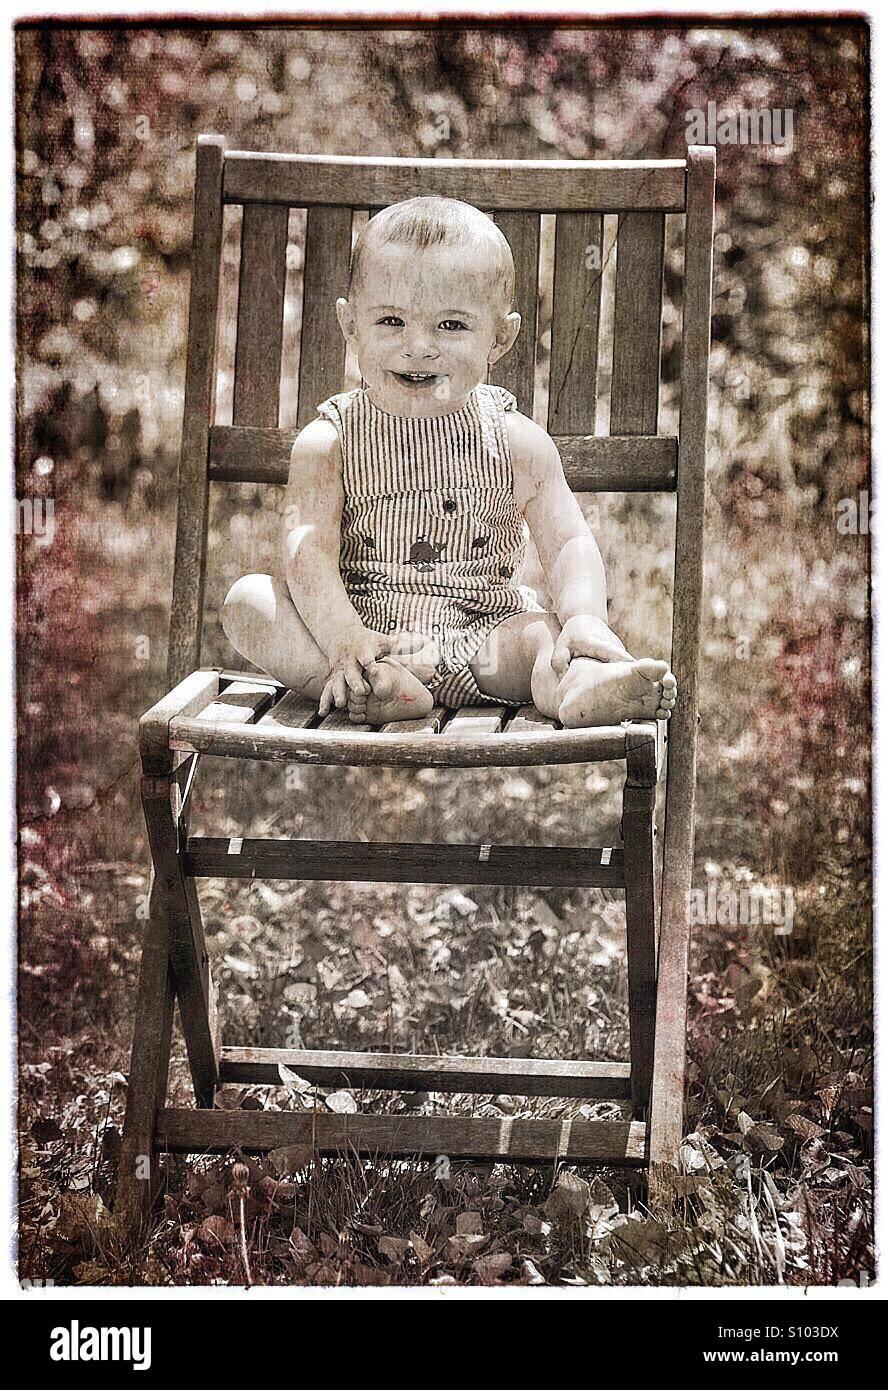 Bebé com grande sorriso sentado na cadeira do lado de fora. Imagens de Stock